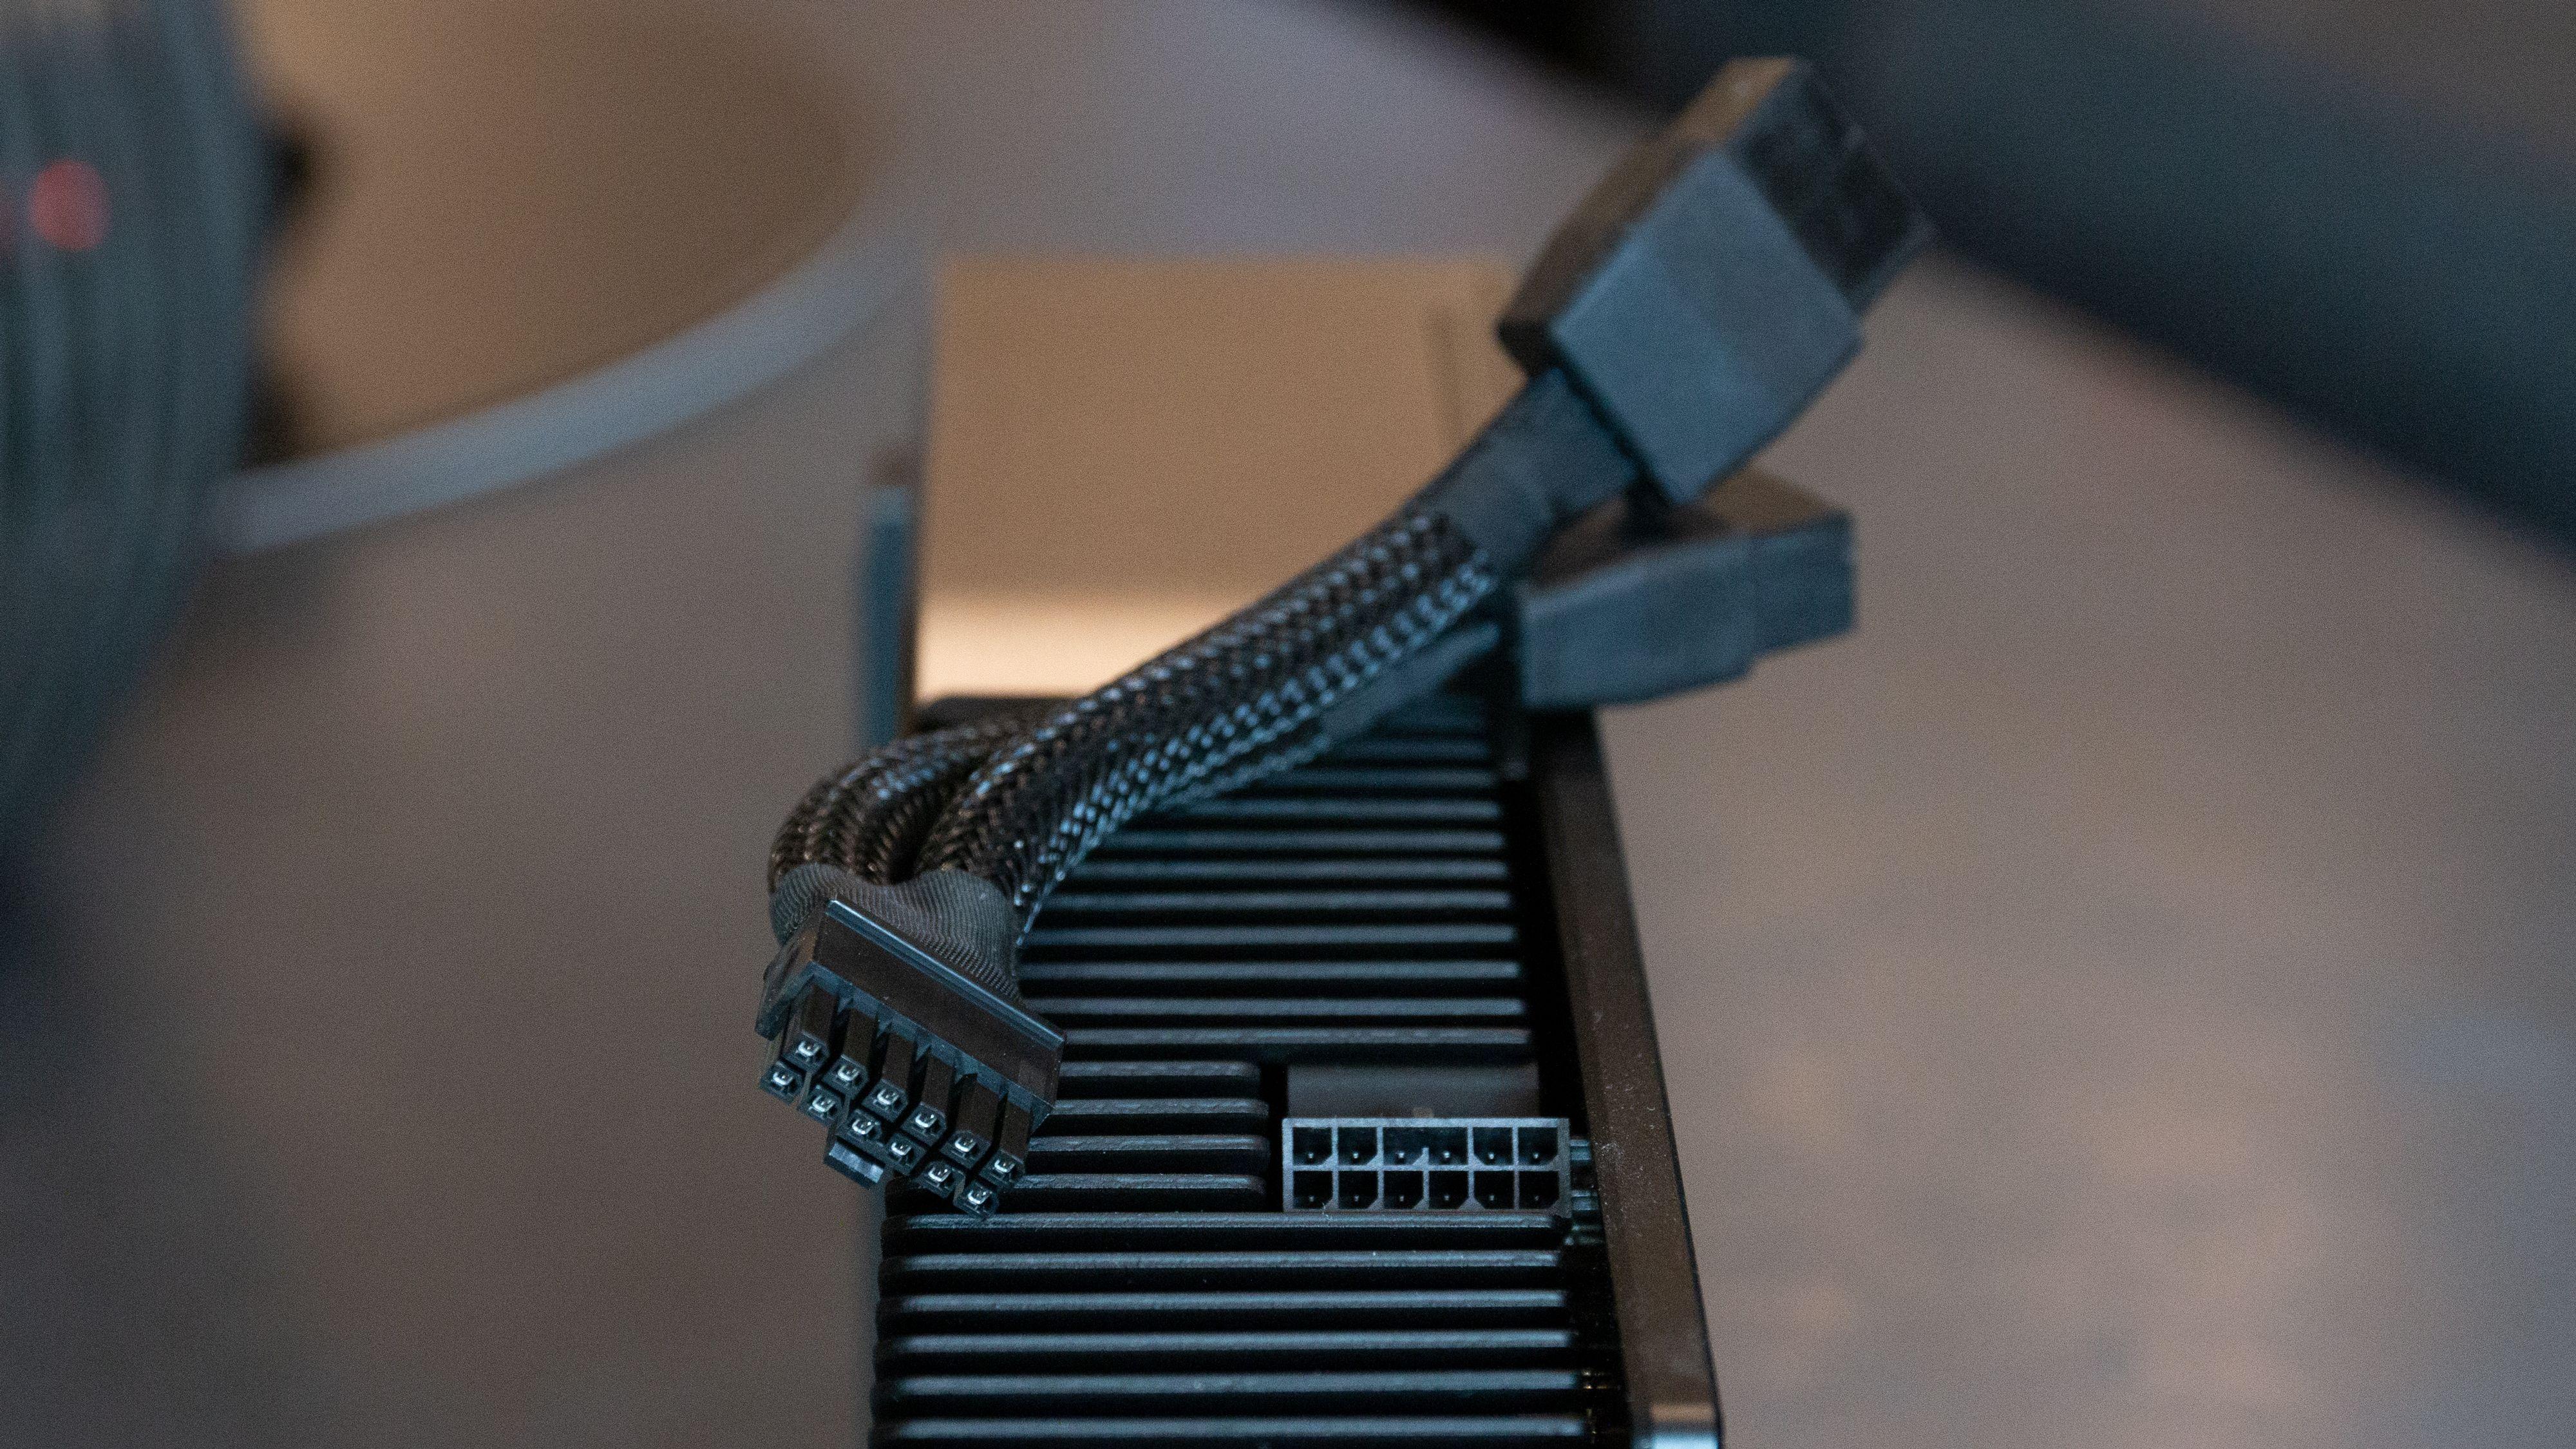 Nvidias Founders Edition krever at du bruker en krympet 12-pin til 2x 8-pinner adapter.